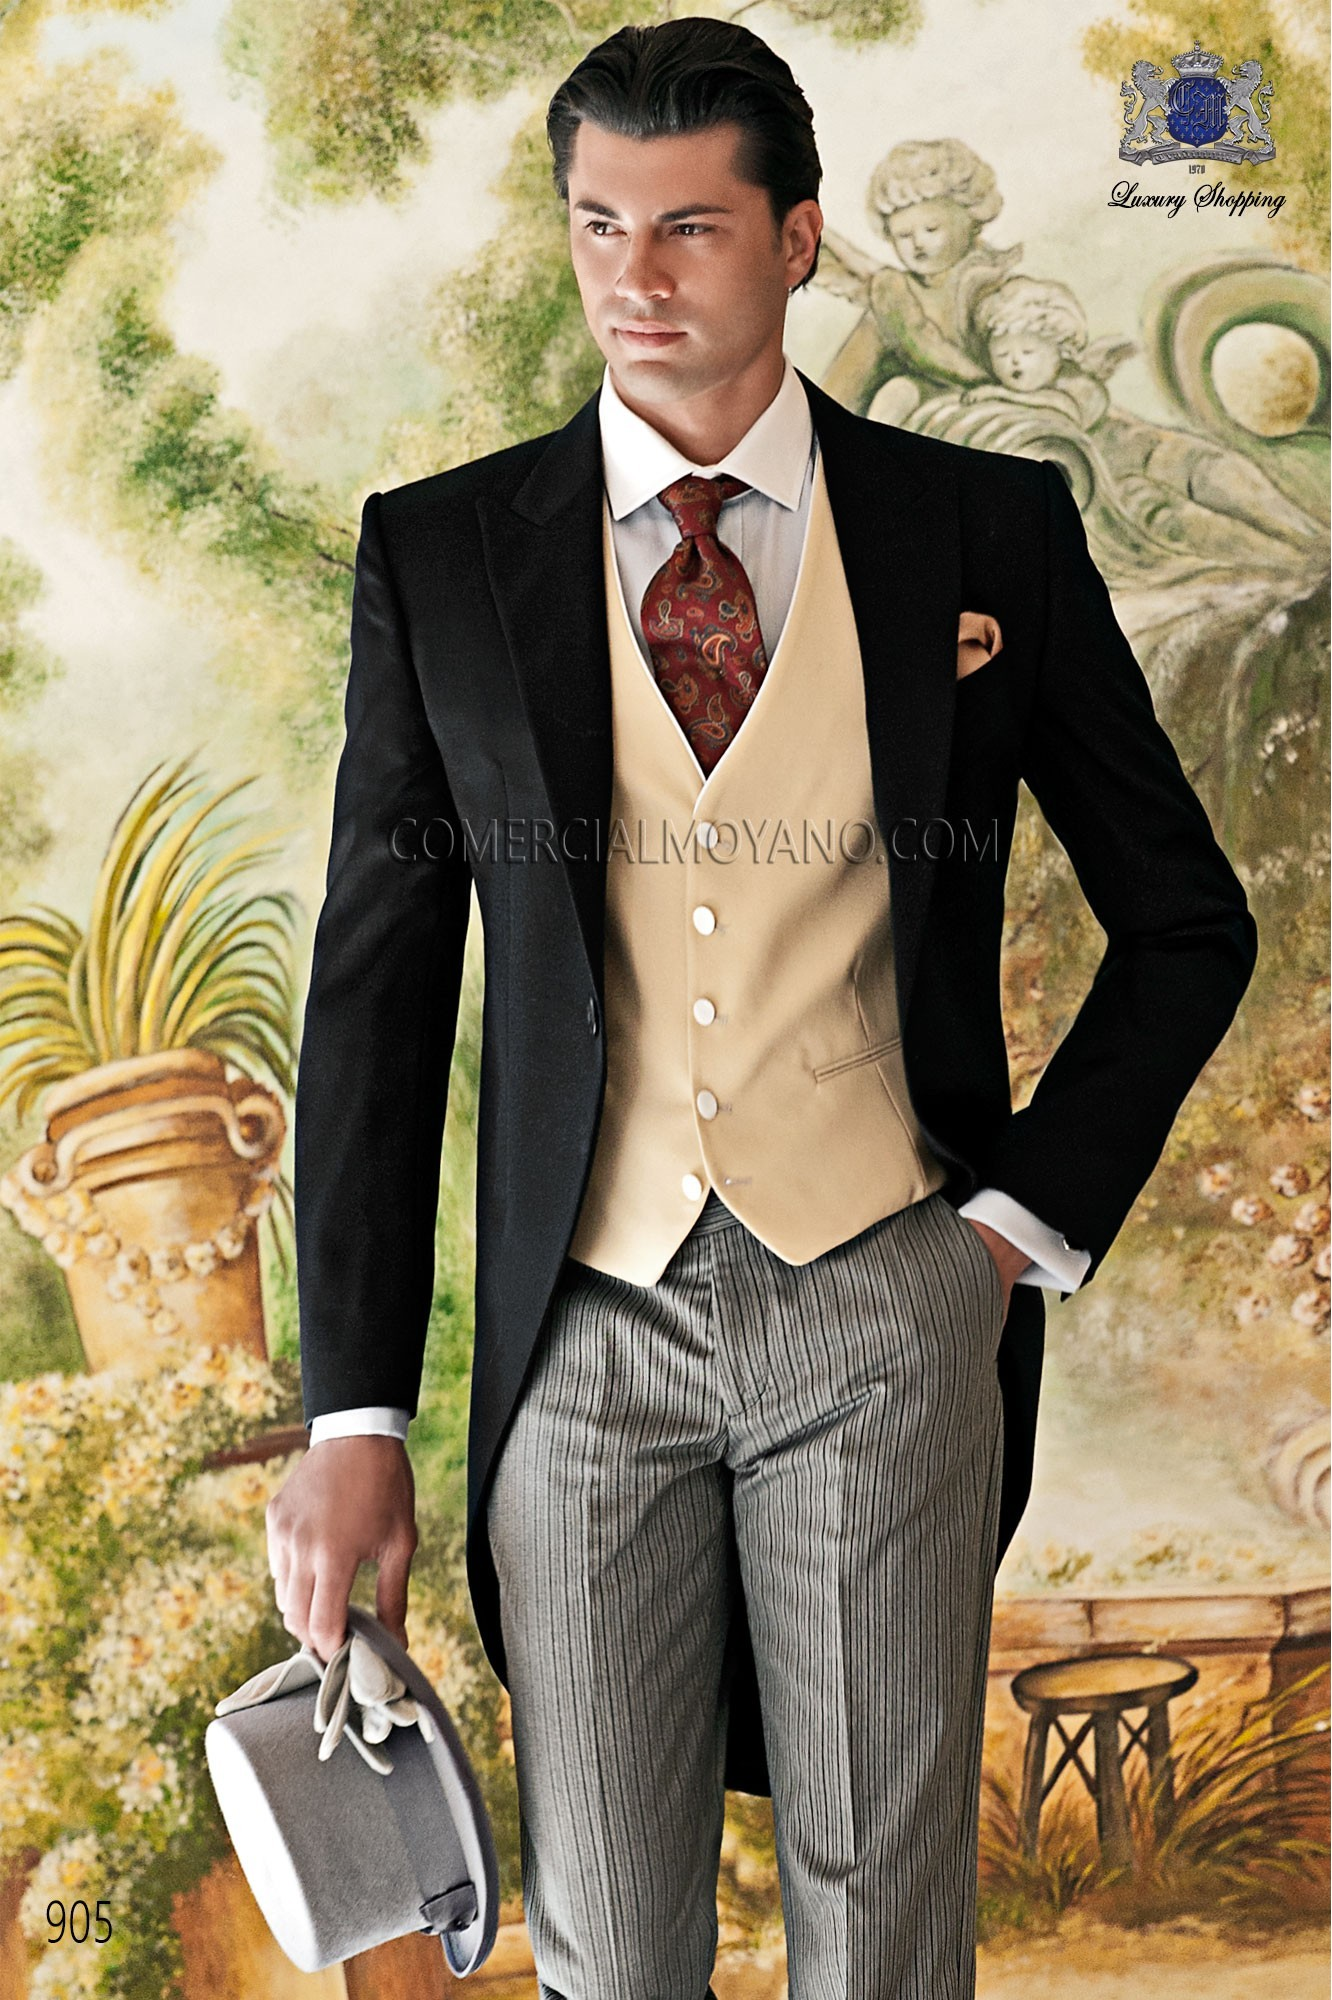 Traje de novio italiano negro modelo: 905 Ottavio Nuccio Gala colección Gentleman